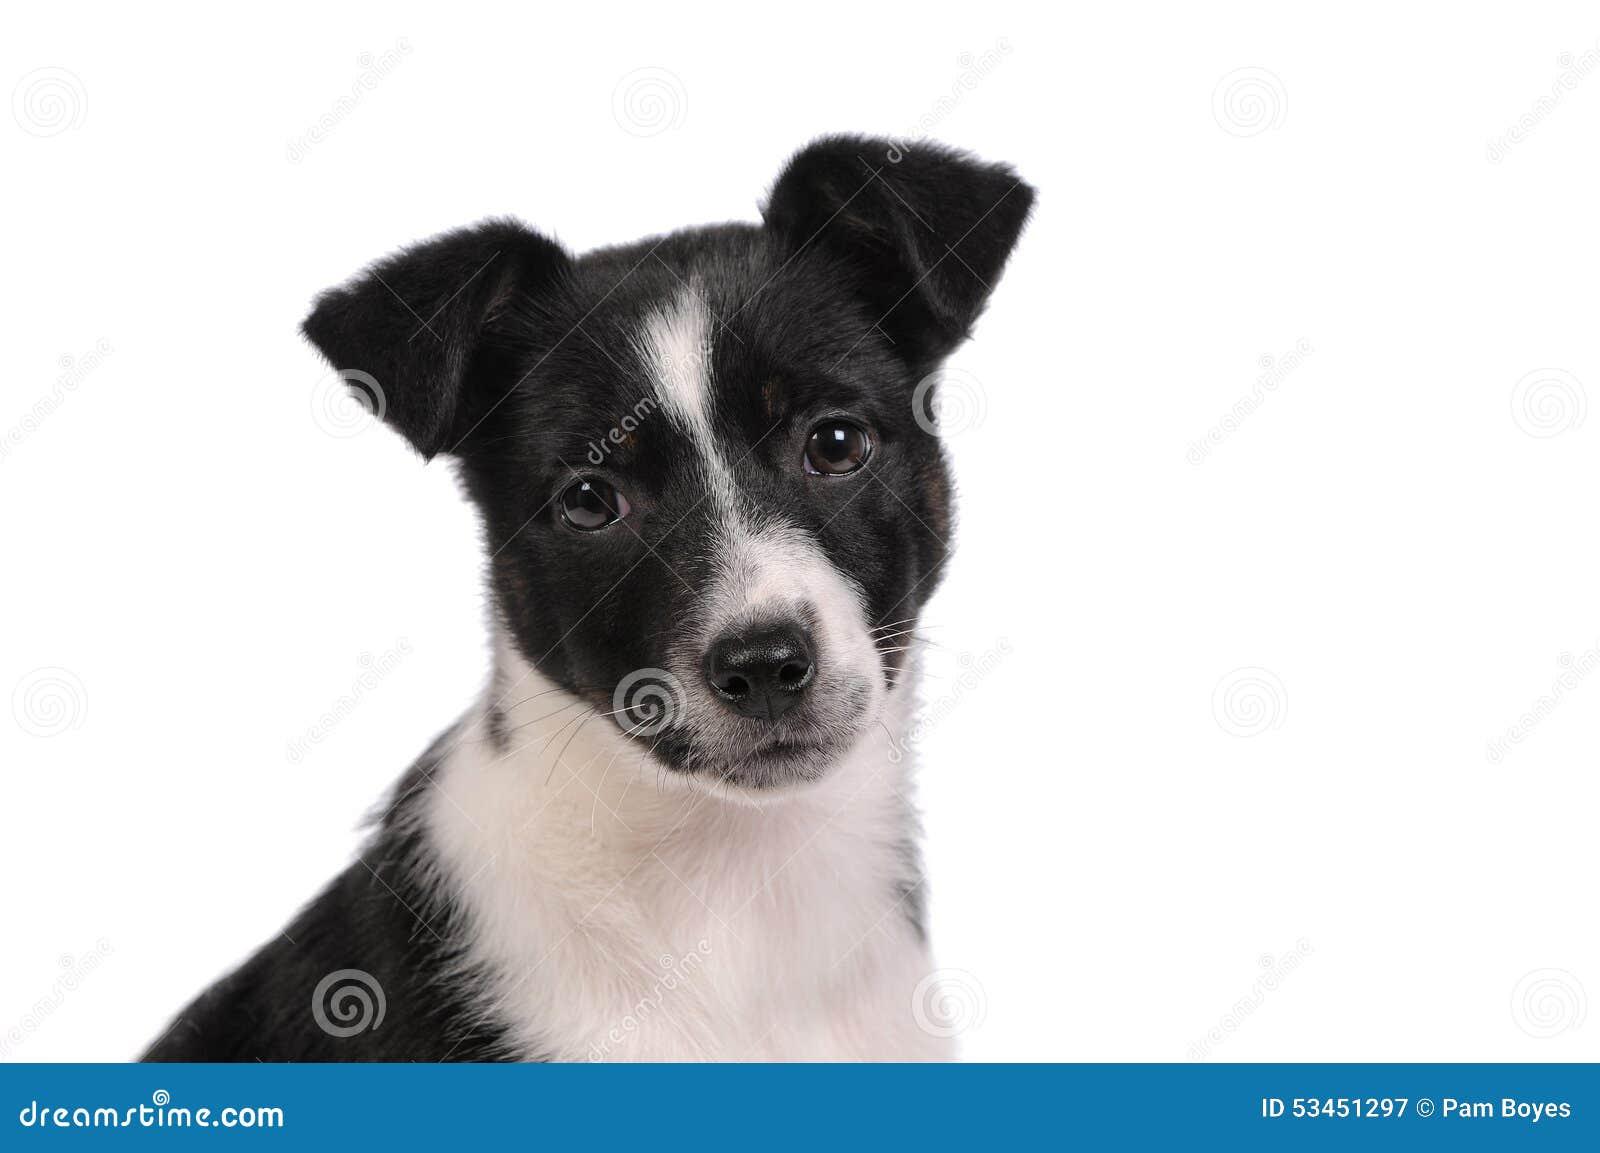 Cucciolo di cane in bianco e nero immagine stock - Tappeto bianco e nero ...